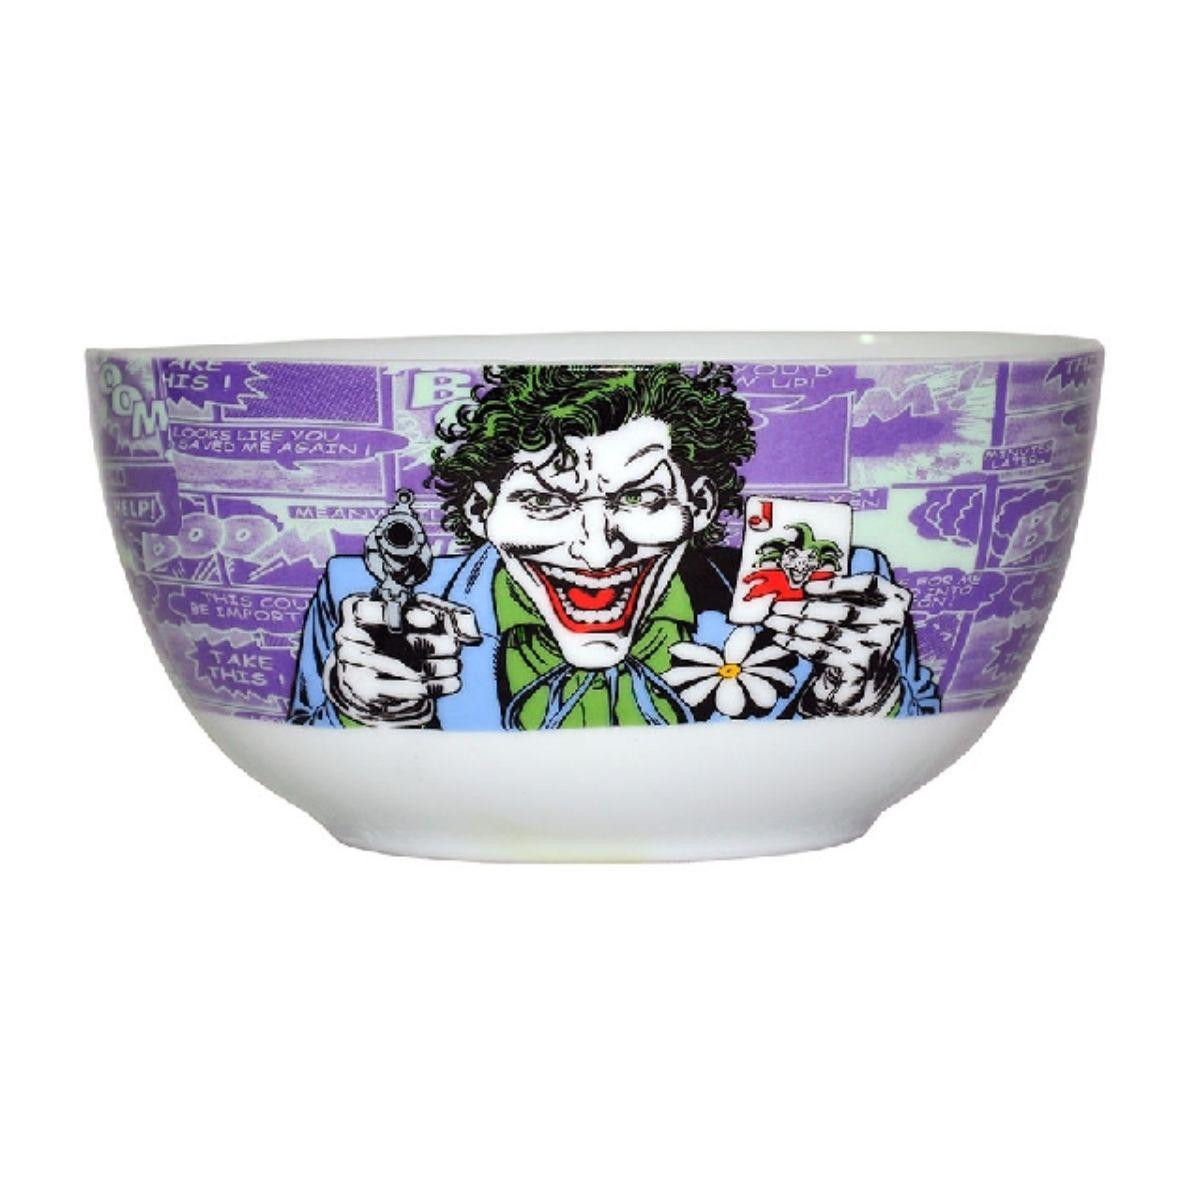 Set 2 Peças Bowl Porcelana Dc Joker Com Baralho - 75027743